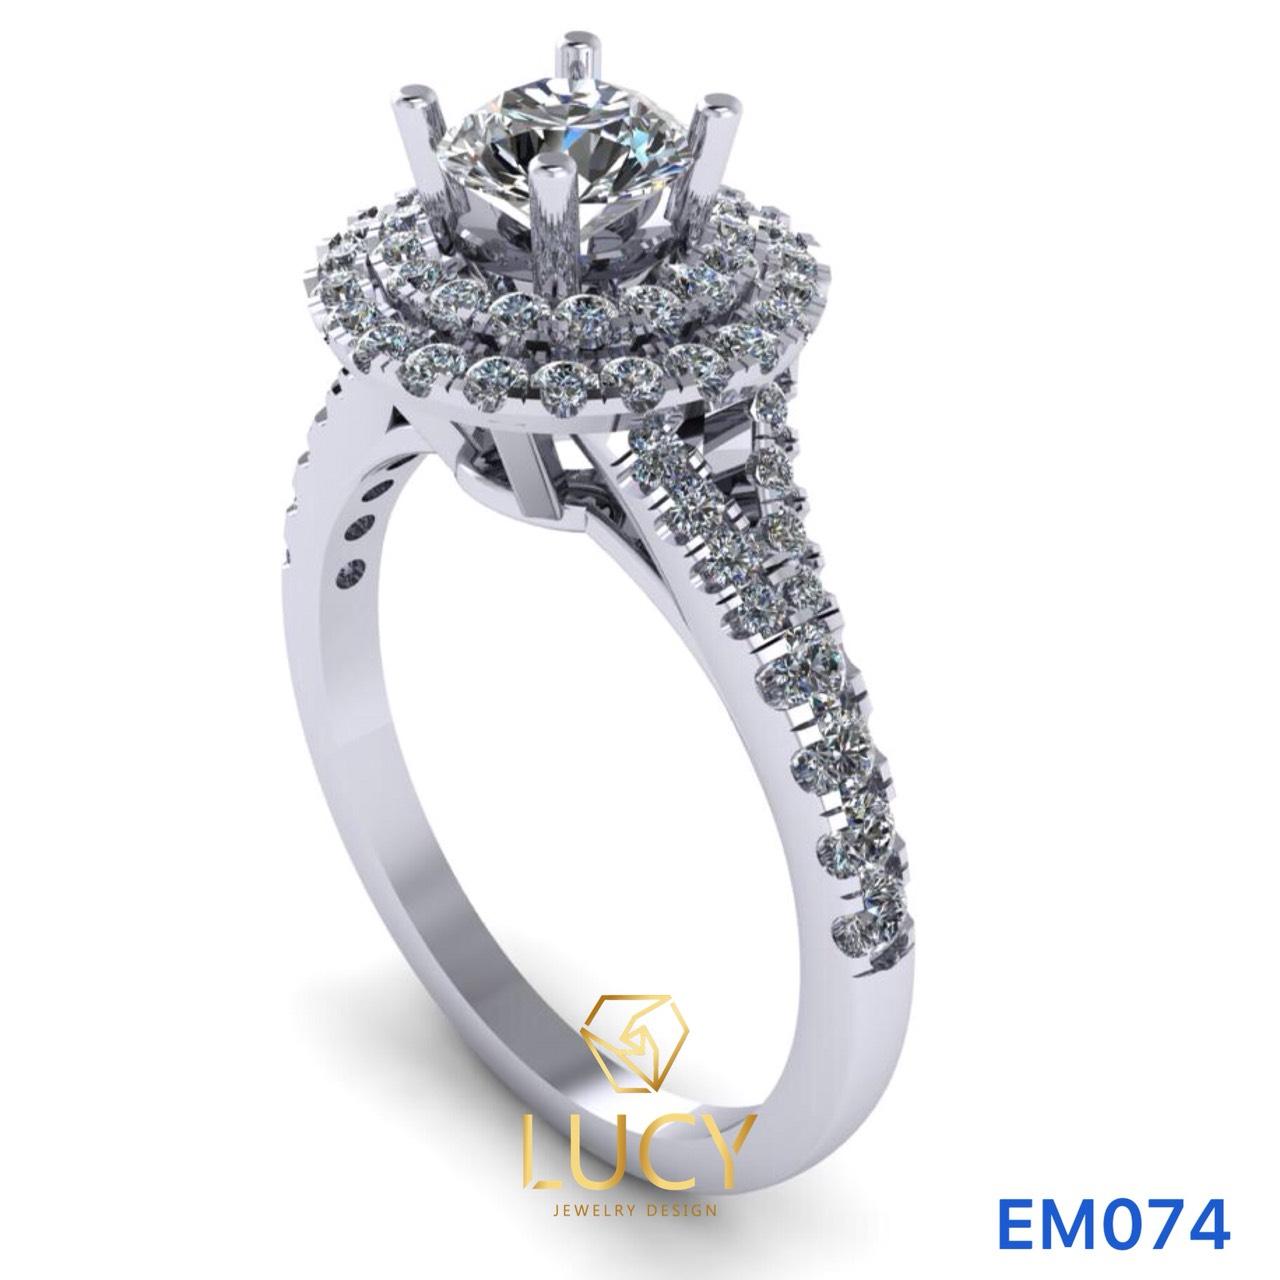 EM074 Nhẫn nữ vàng, nhẫn ổ kim cương 5mm, nhẫn nữ thiết kế, nhẫn cầu hôn, nhẫn đính hôn - Lucy Jewelry